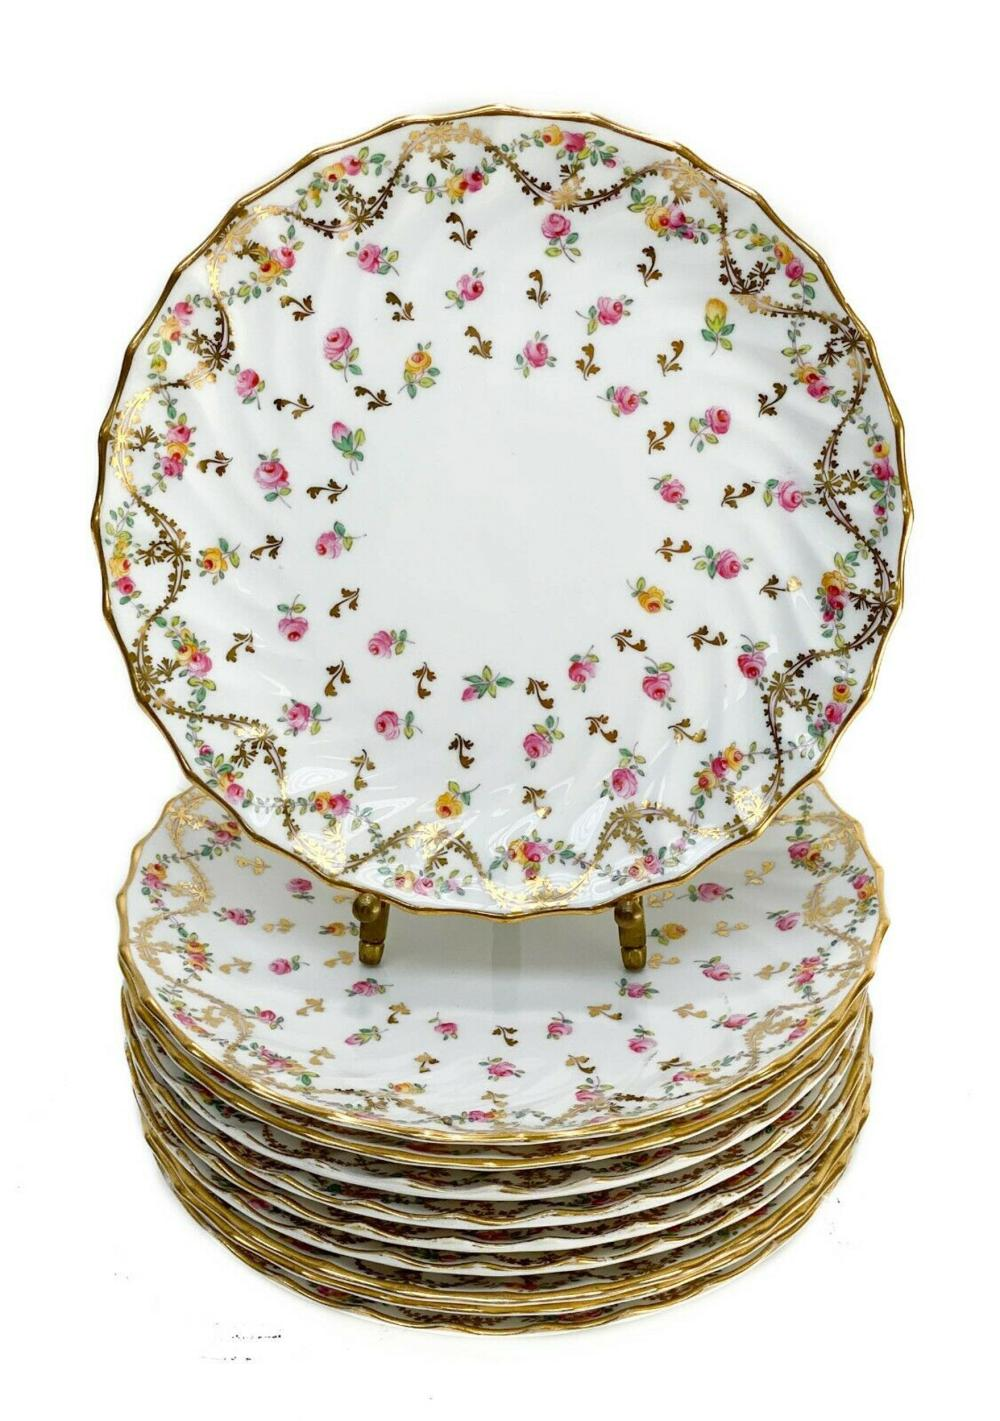 10 Copeland Spode England Porcelain Dessert Plates